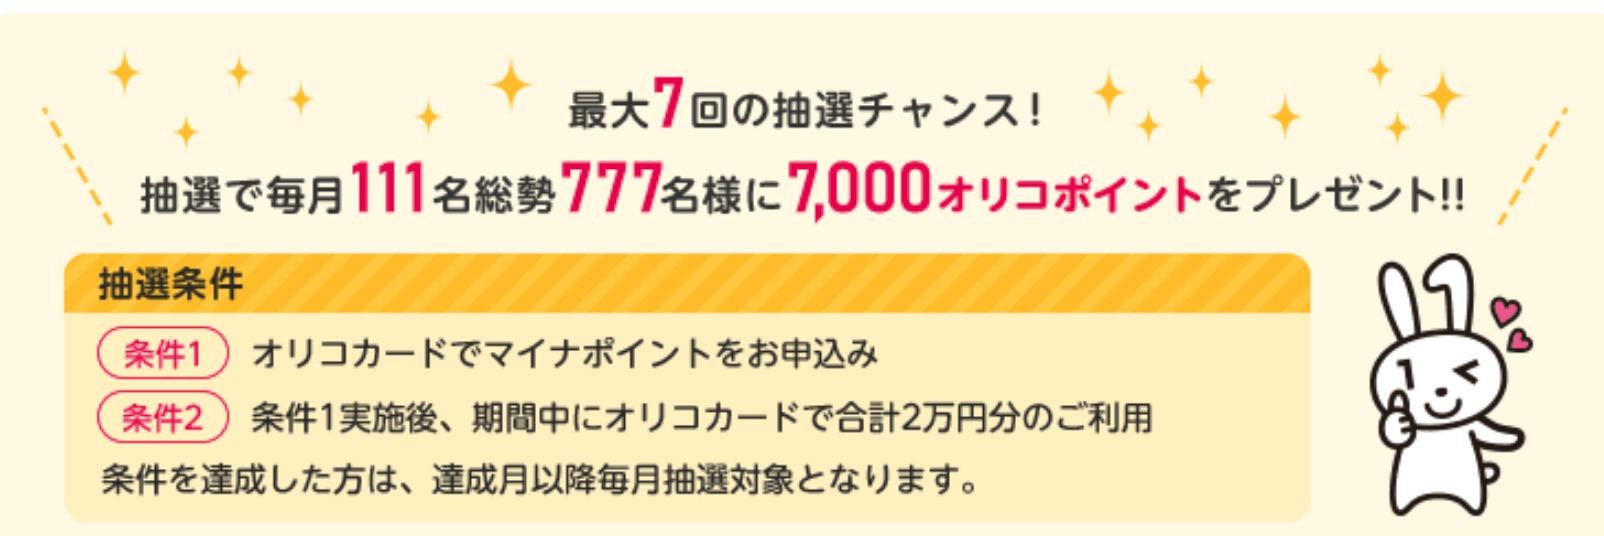 Oricoカードのキャンペーン